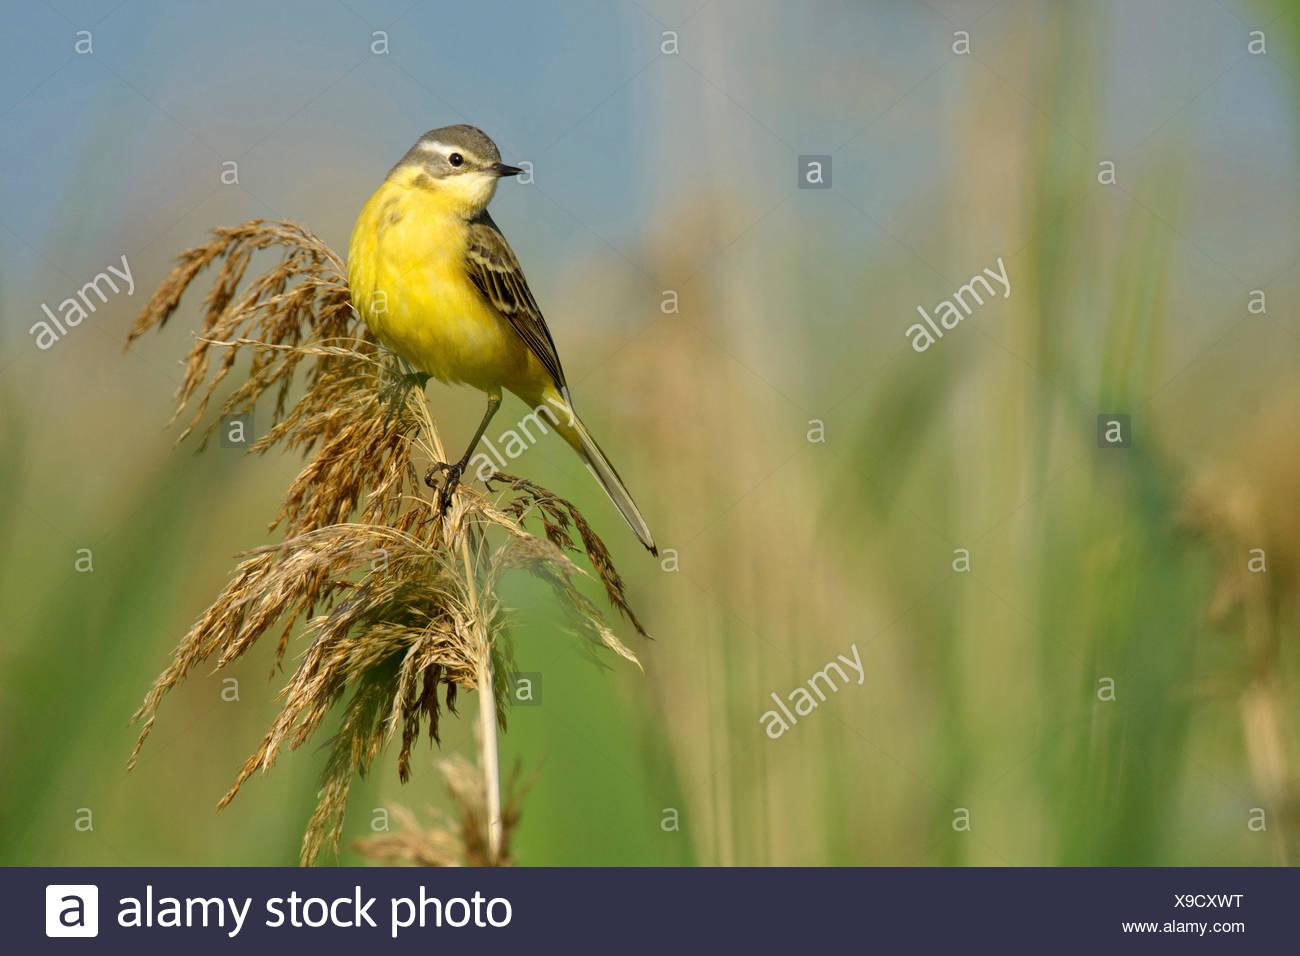 Yellow wagtail (Motacilla flava), on reed, Hungary, Hortobagy, Nagyivan - Stock Image